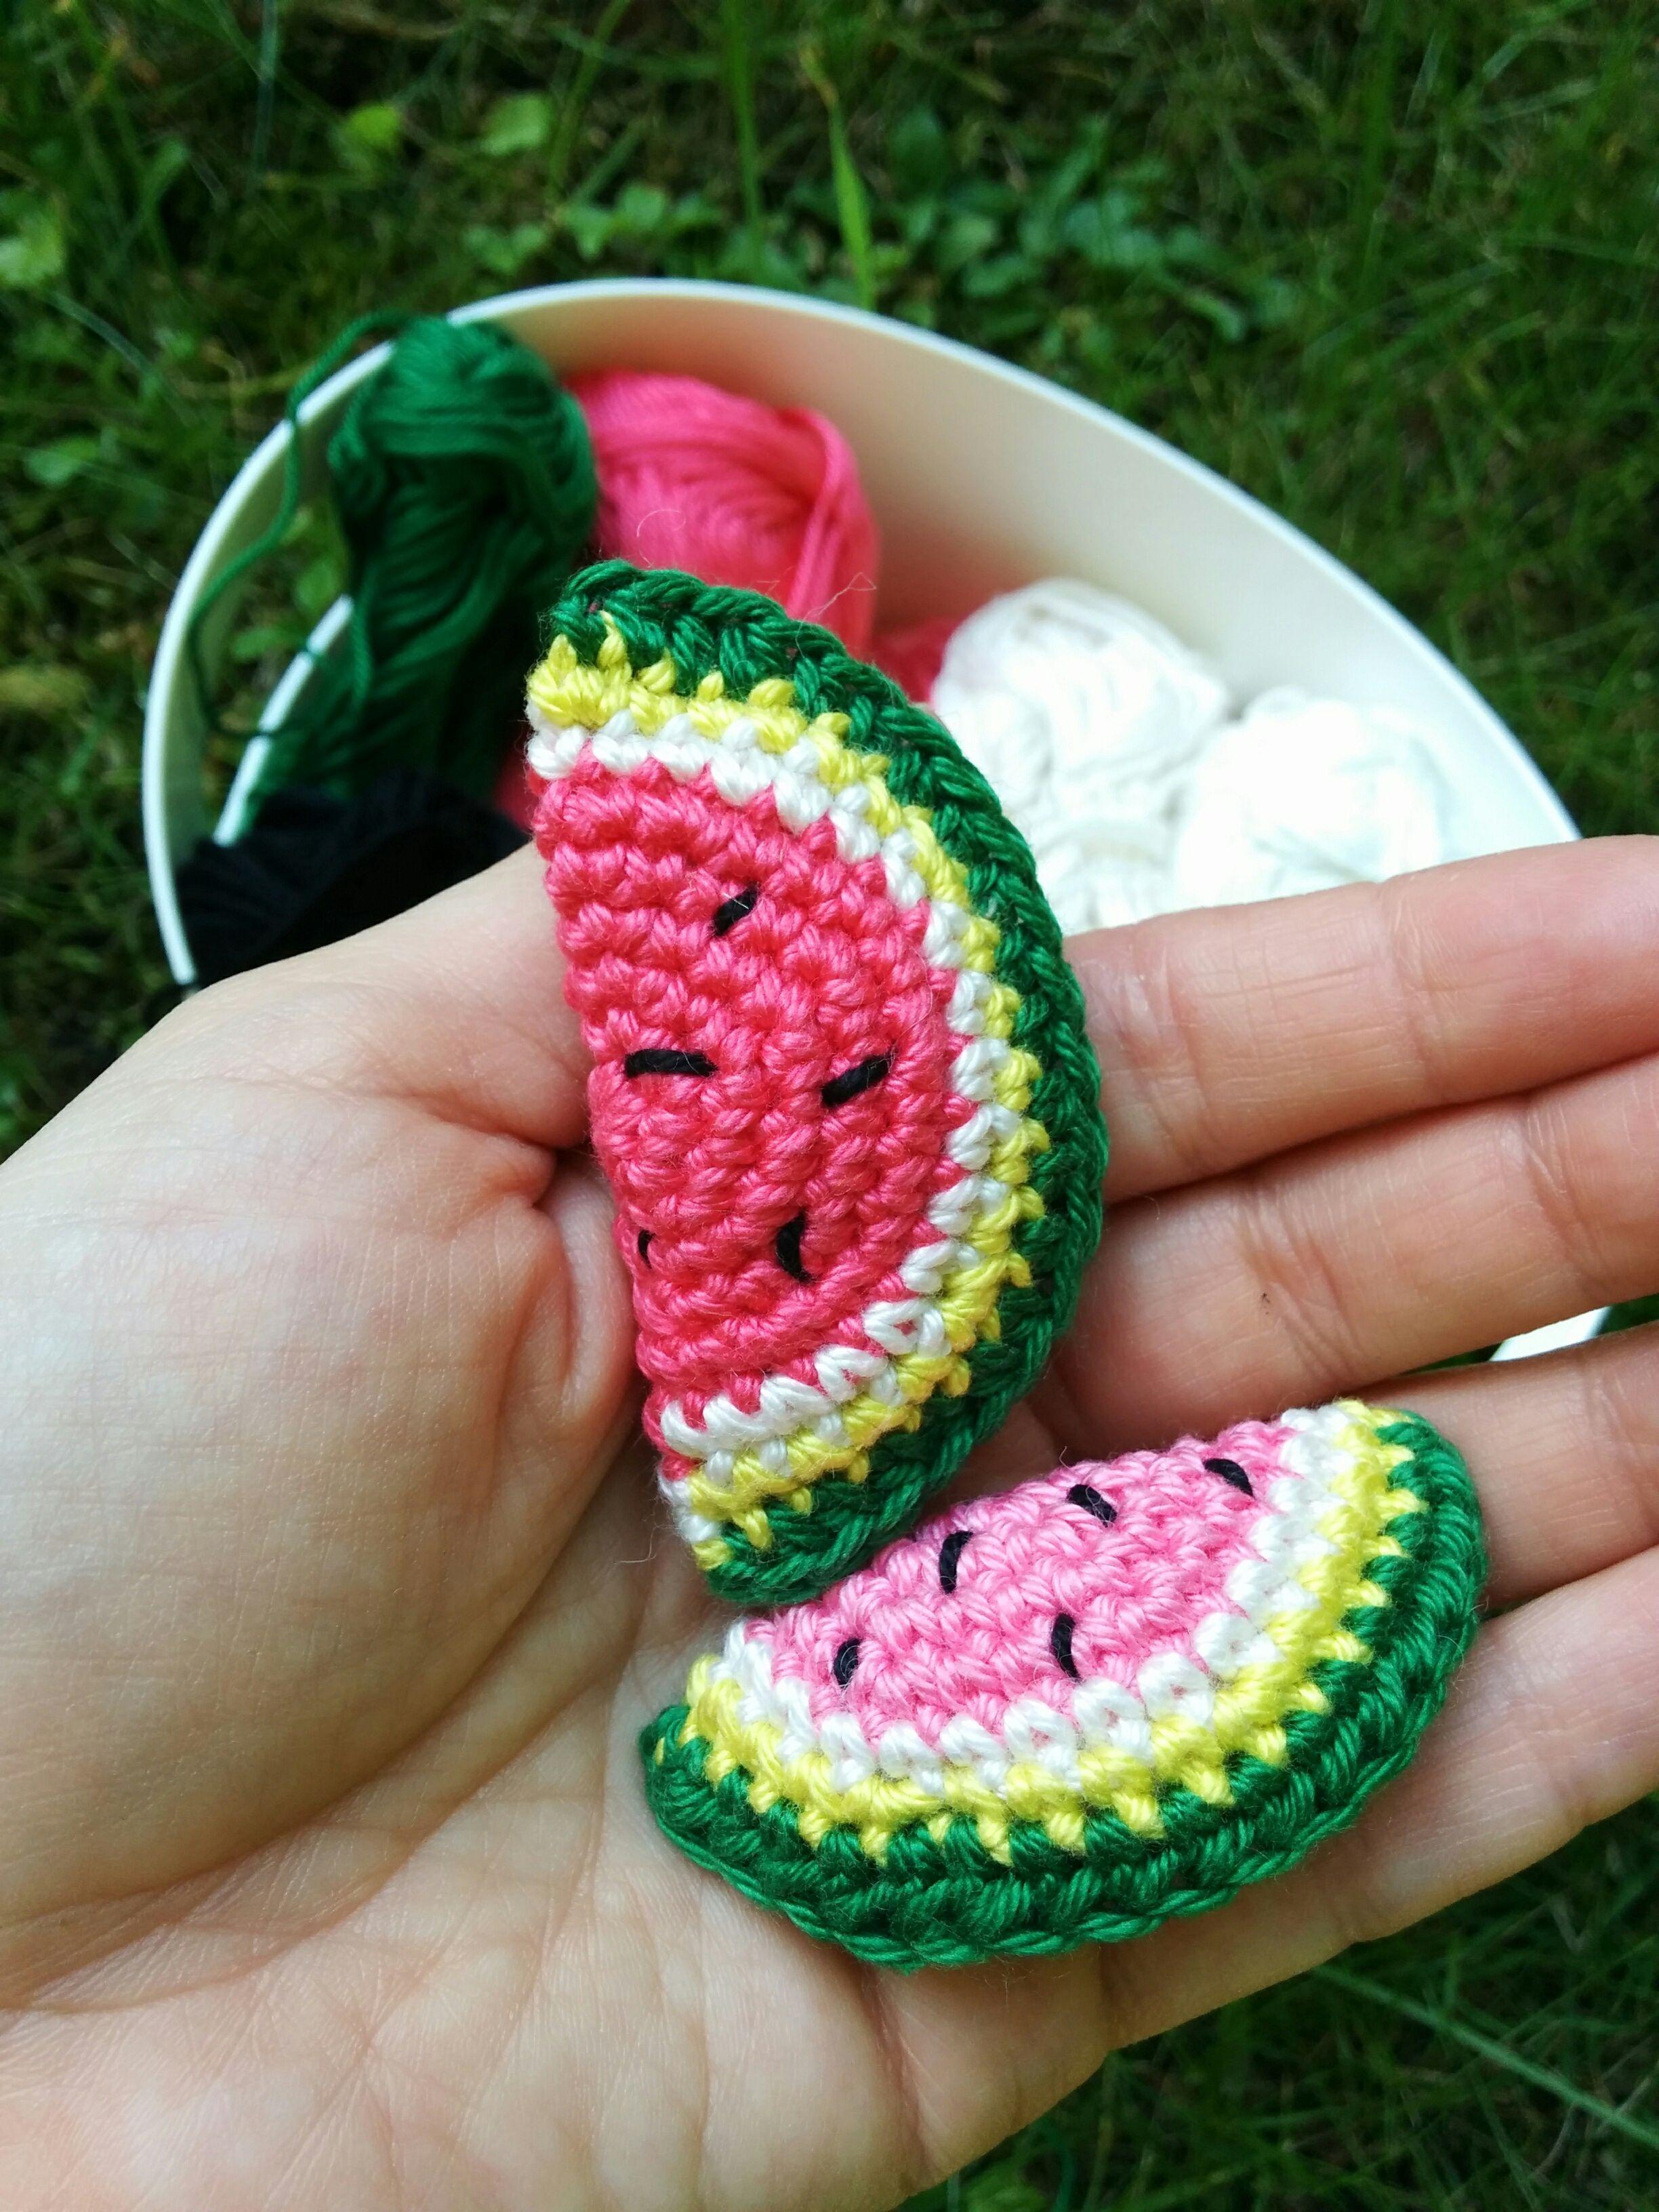 Zum Sommer gehören einfach Wassermelonen. Also mal fix ein Melönchen ...